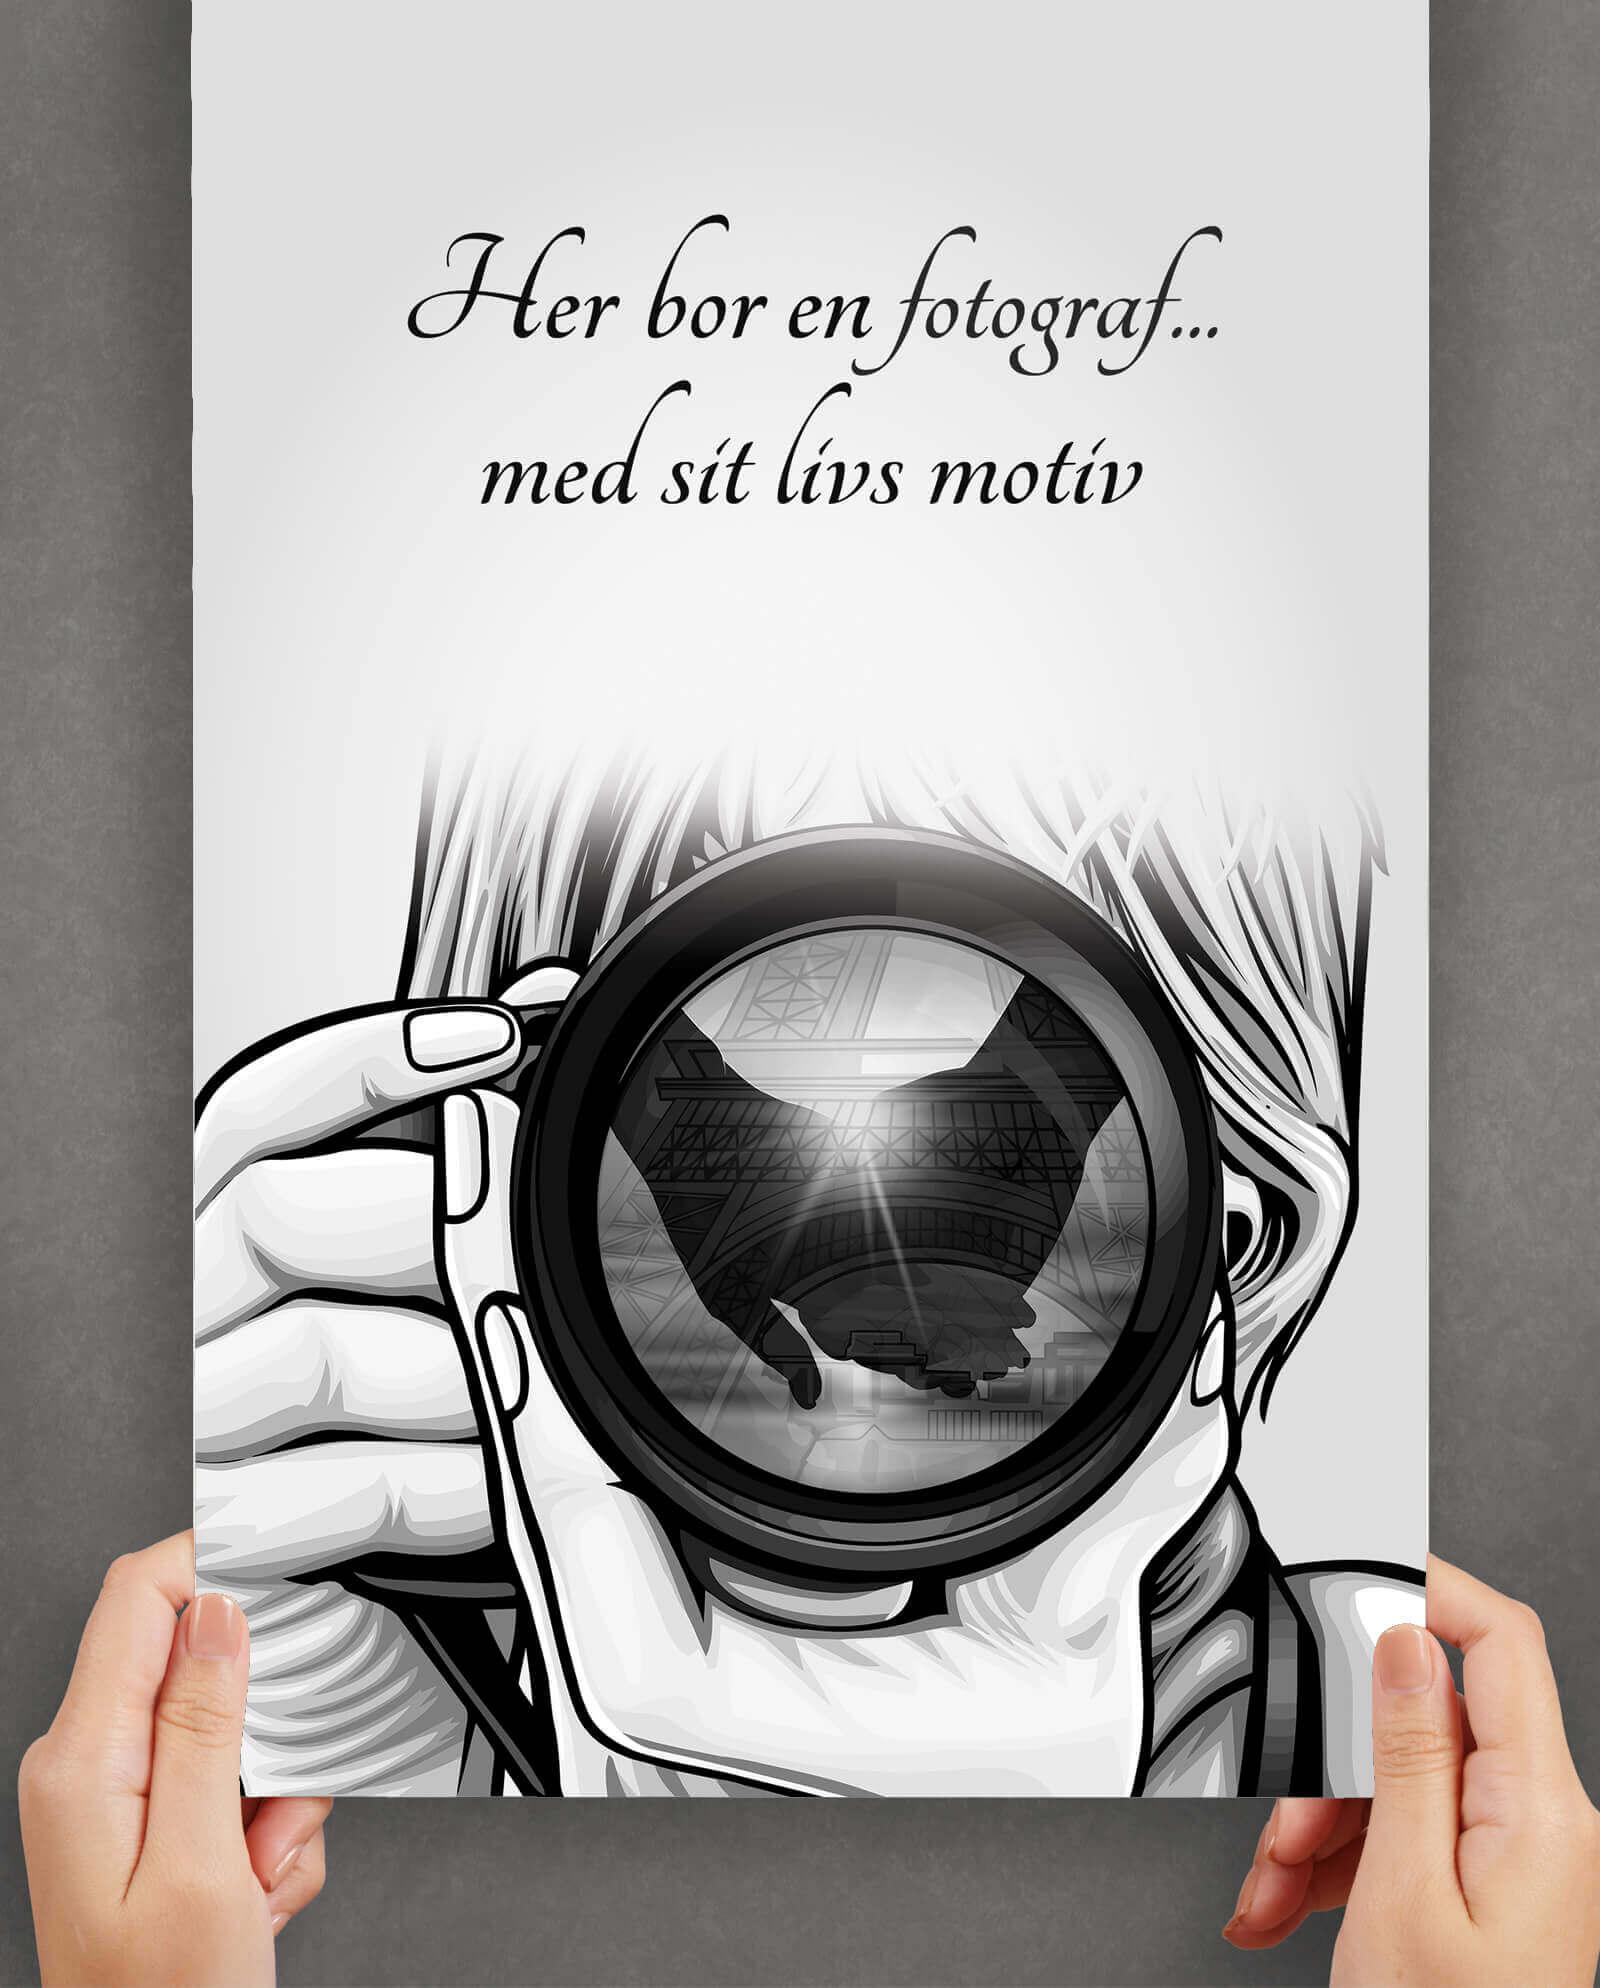 fotograf-job-plakat-1